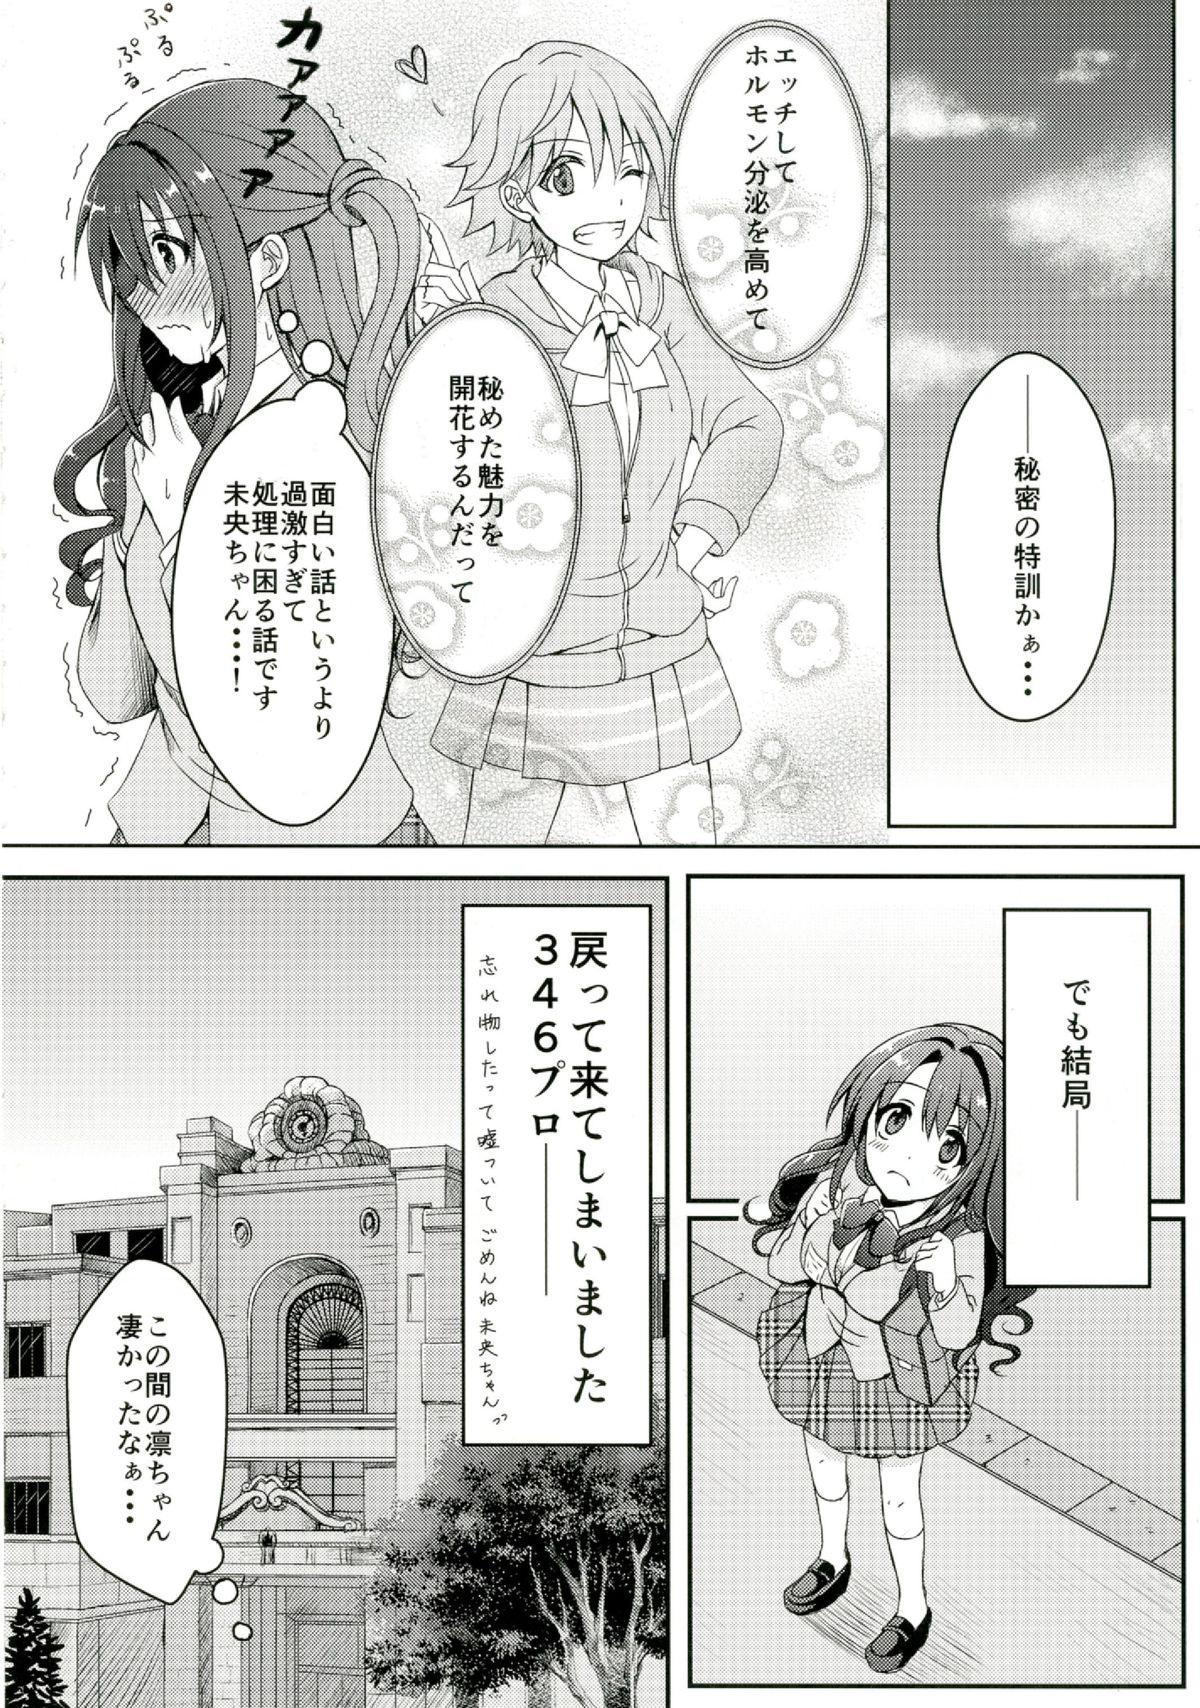 Himitsu no Tokkun 7